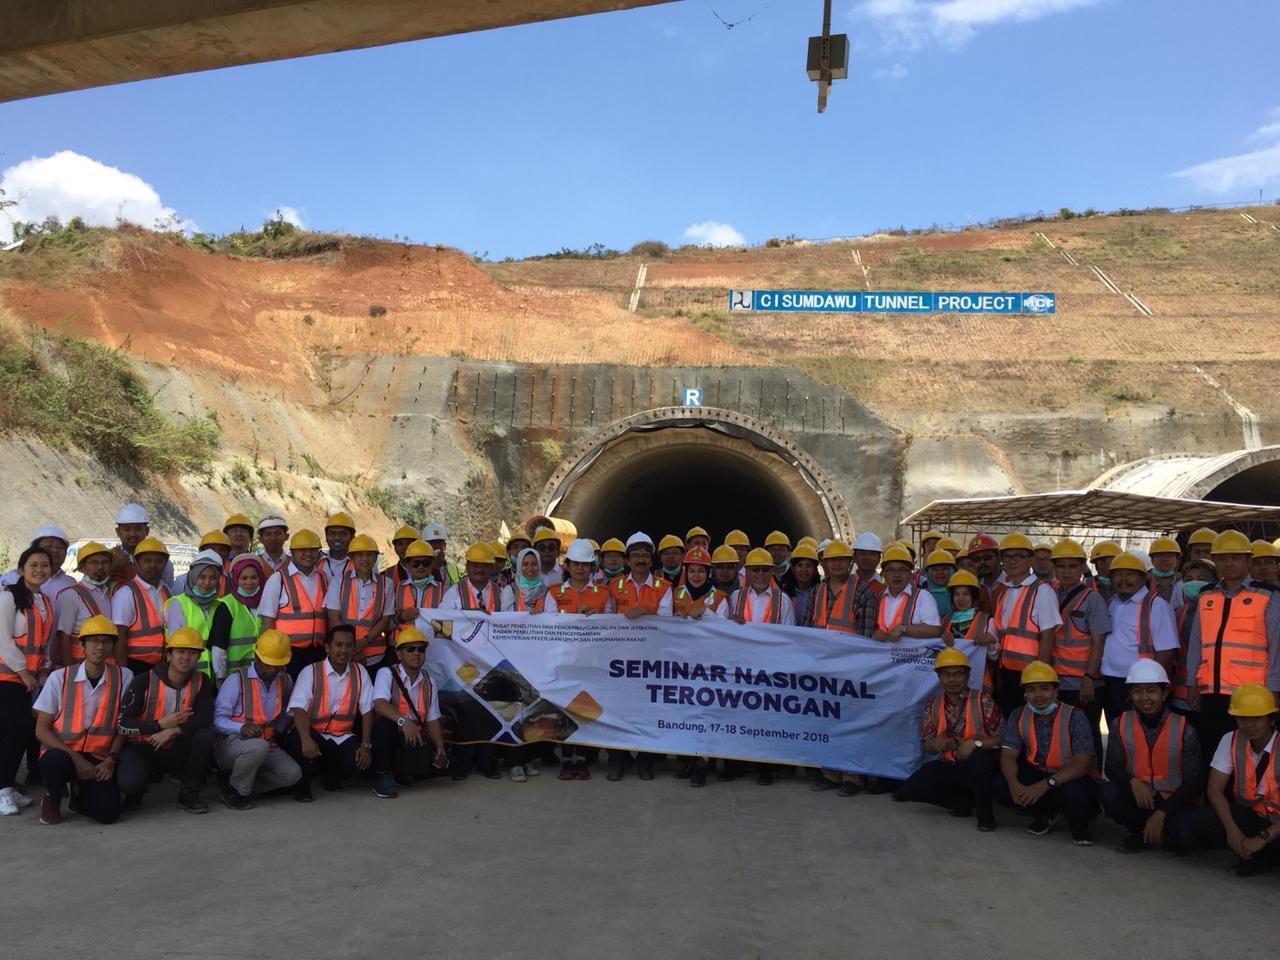 Kunjungan Teknik ke Lokasi Konstruksi Terowongan Jalan Bebas Hambatan Cisumdawu dalam Rangkaian Acara Seminar Nasional Terowongan